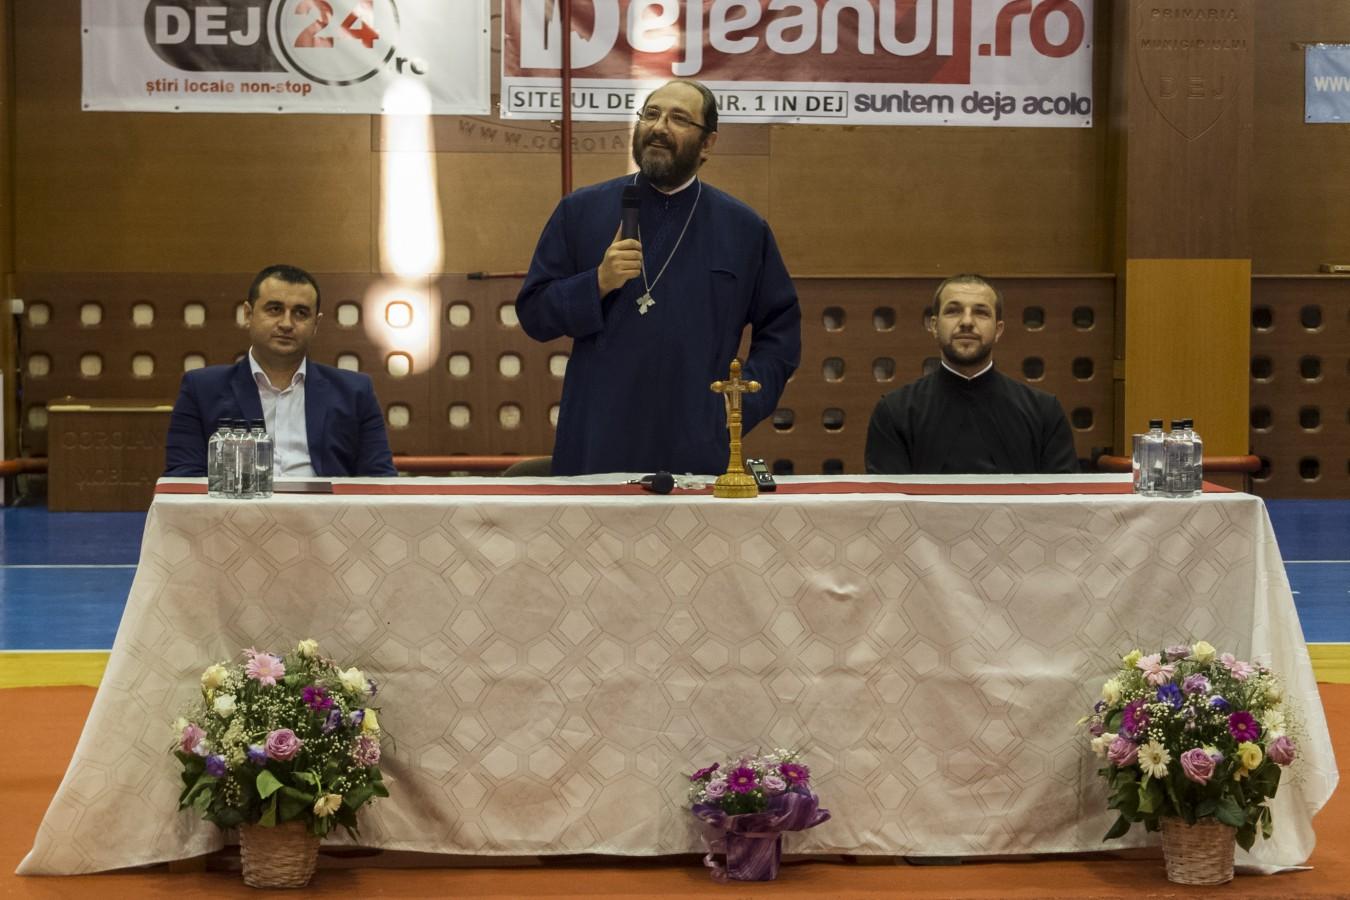 Peste 1000 de oameni l-au ascultat la Dej pe părintele Constantin Necula